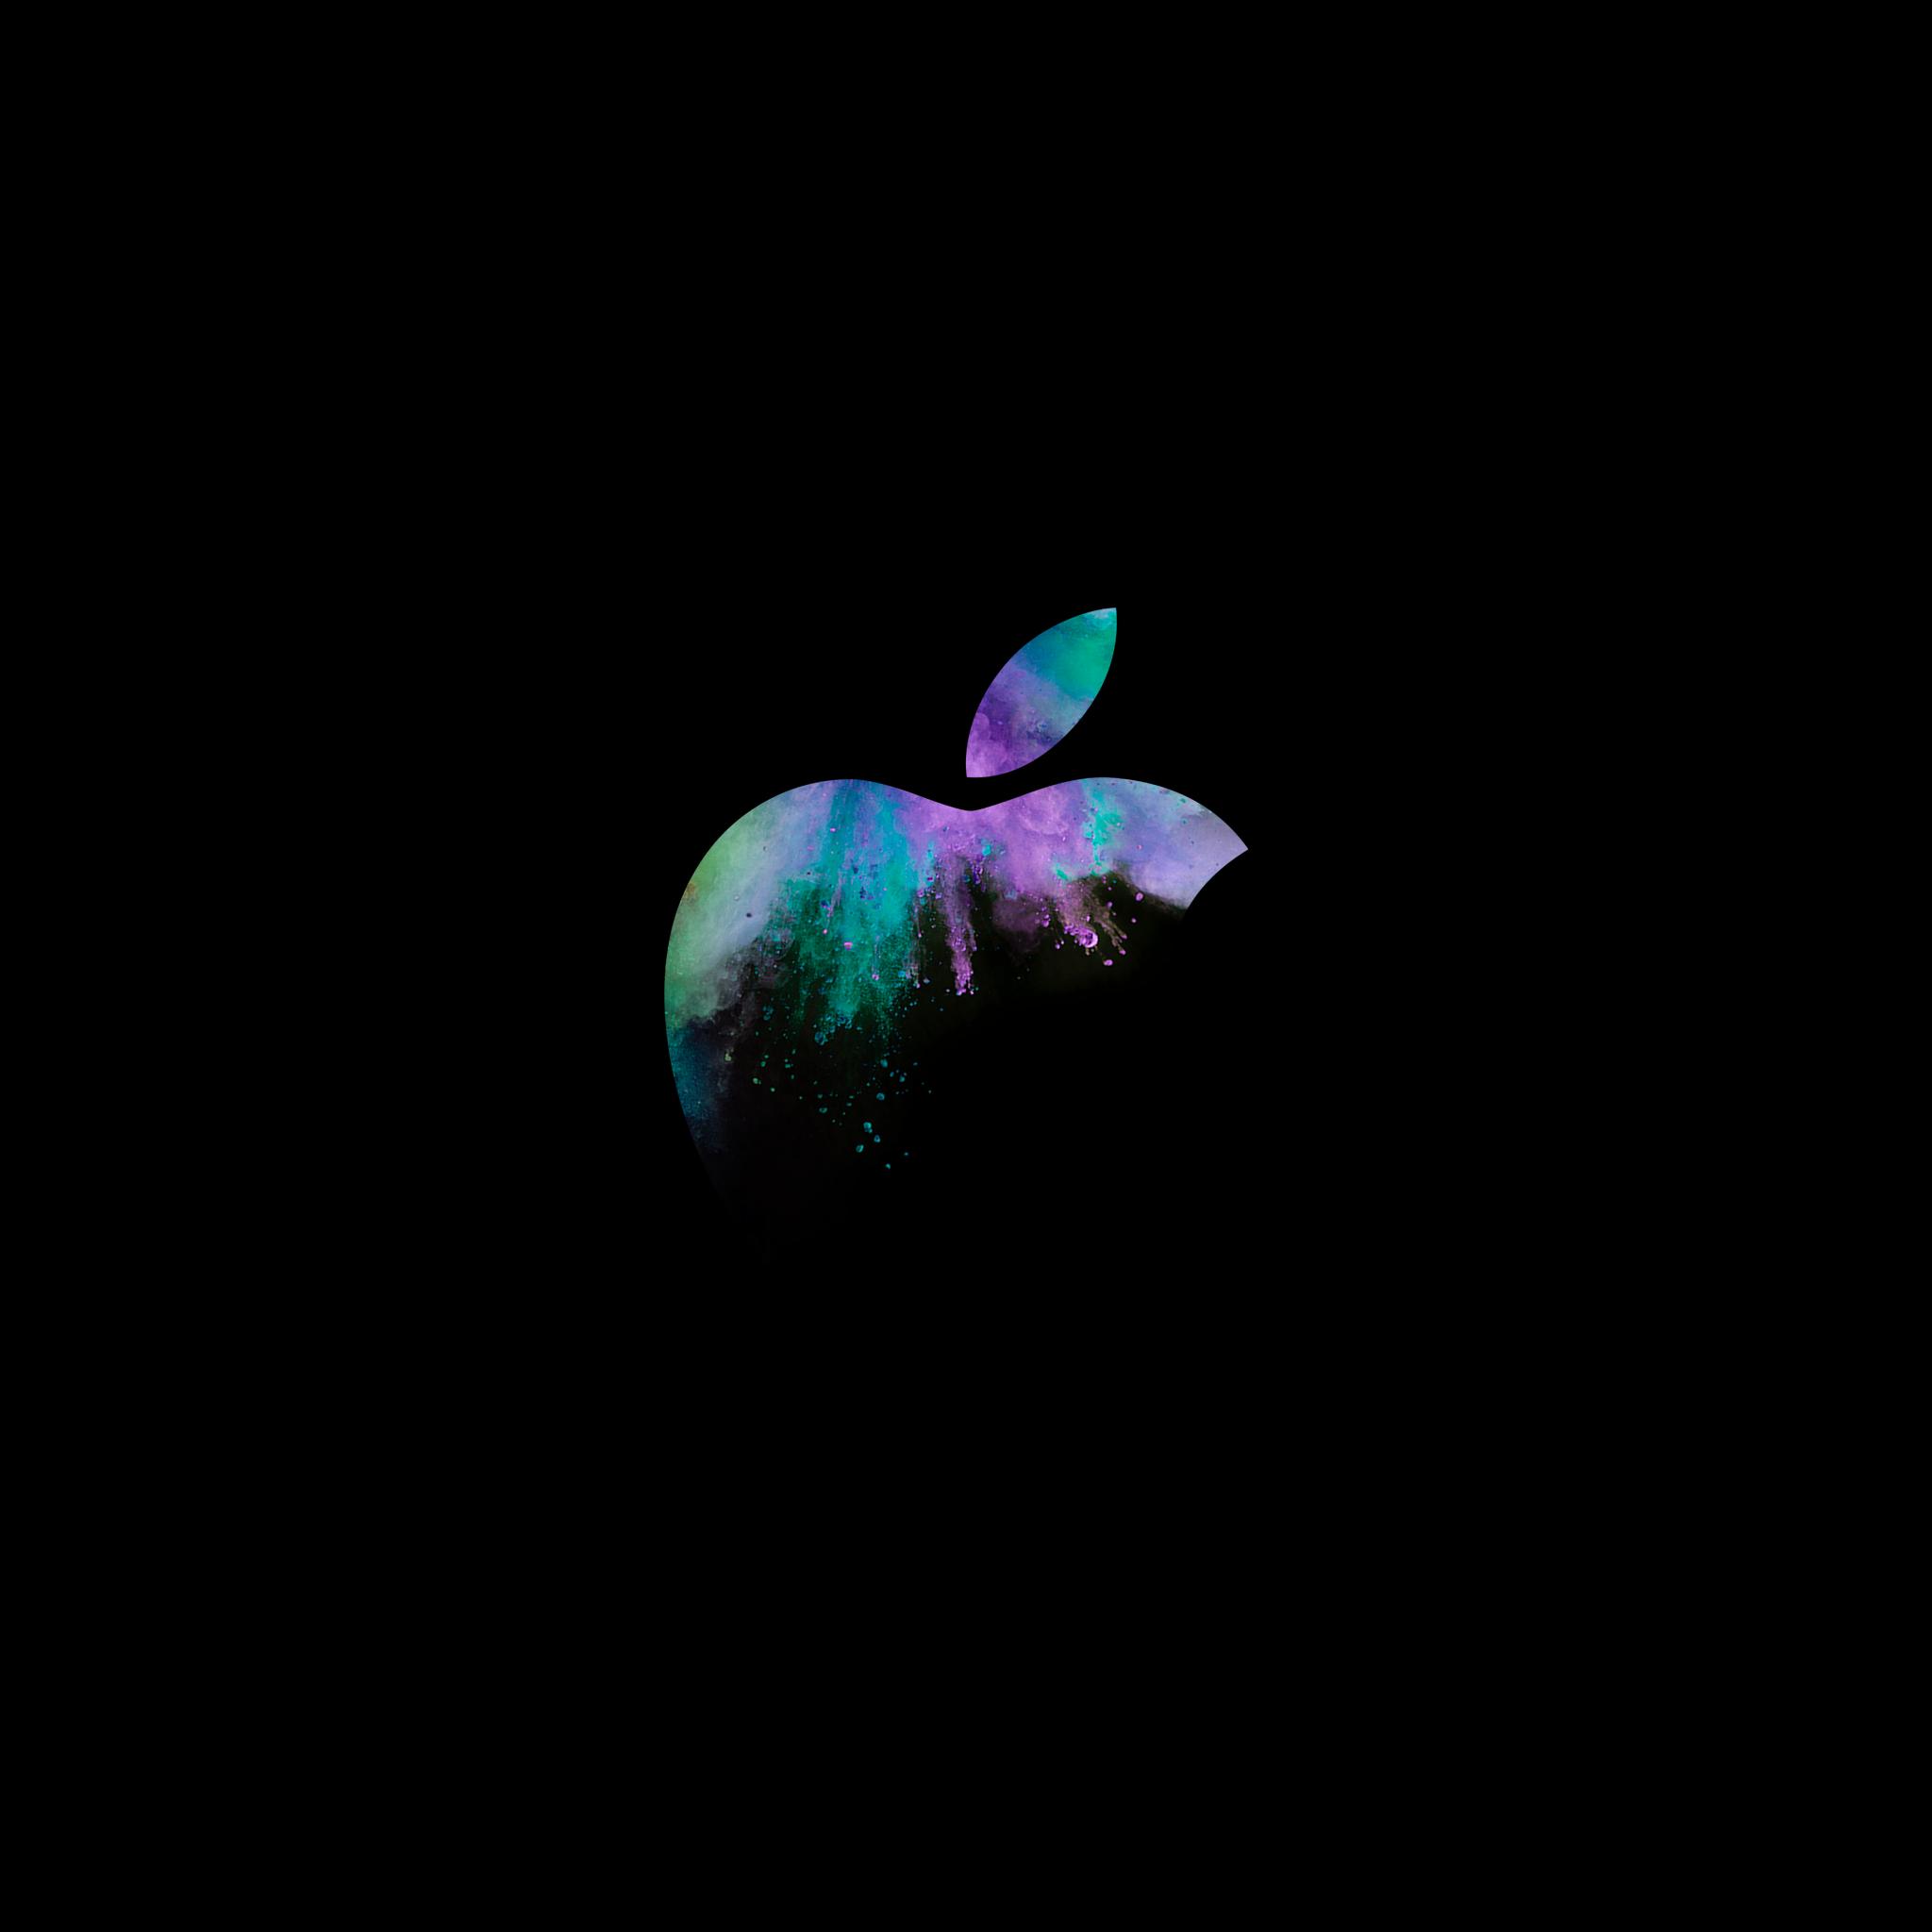 Unduh 200+ Wallpaper Apple Event  Terbaik